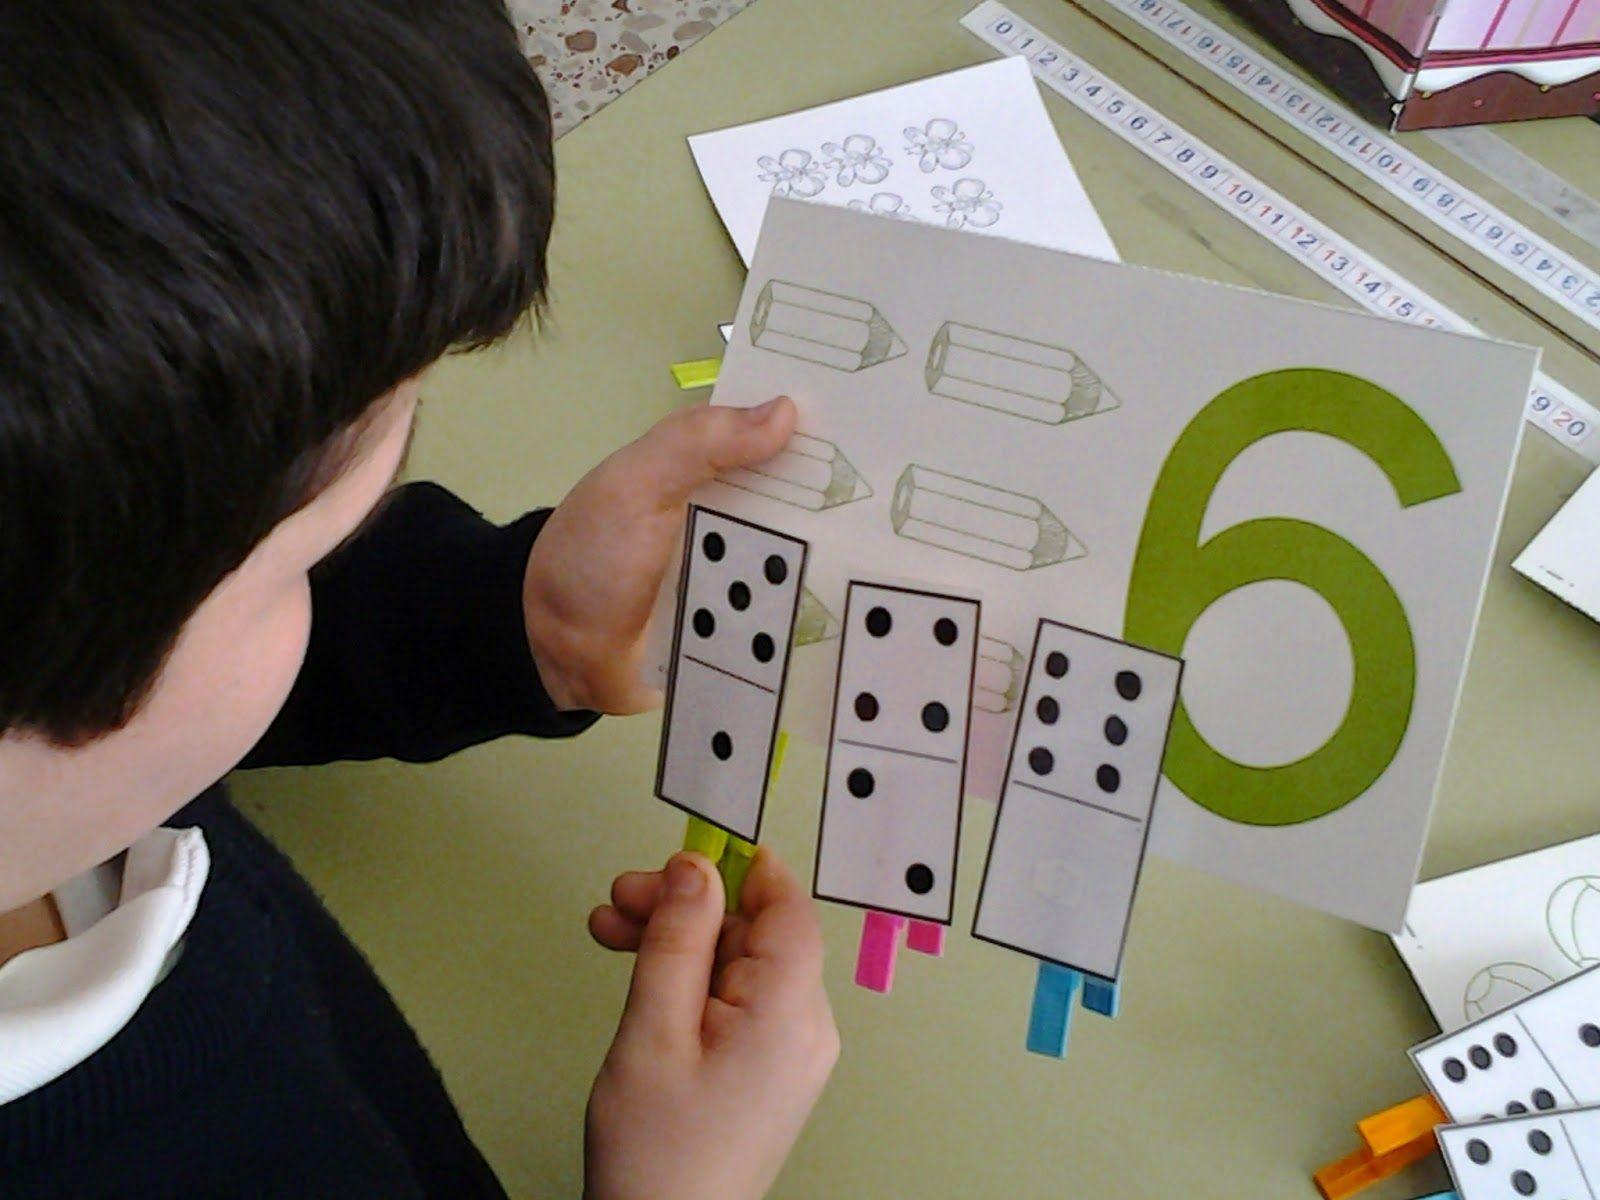 Hago Y Comprendo Sumas Domino Logico Matematica Pinterest